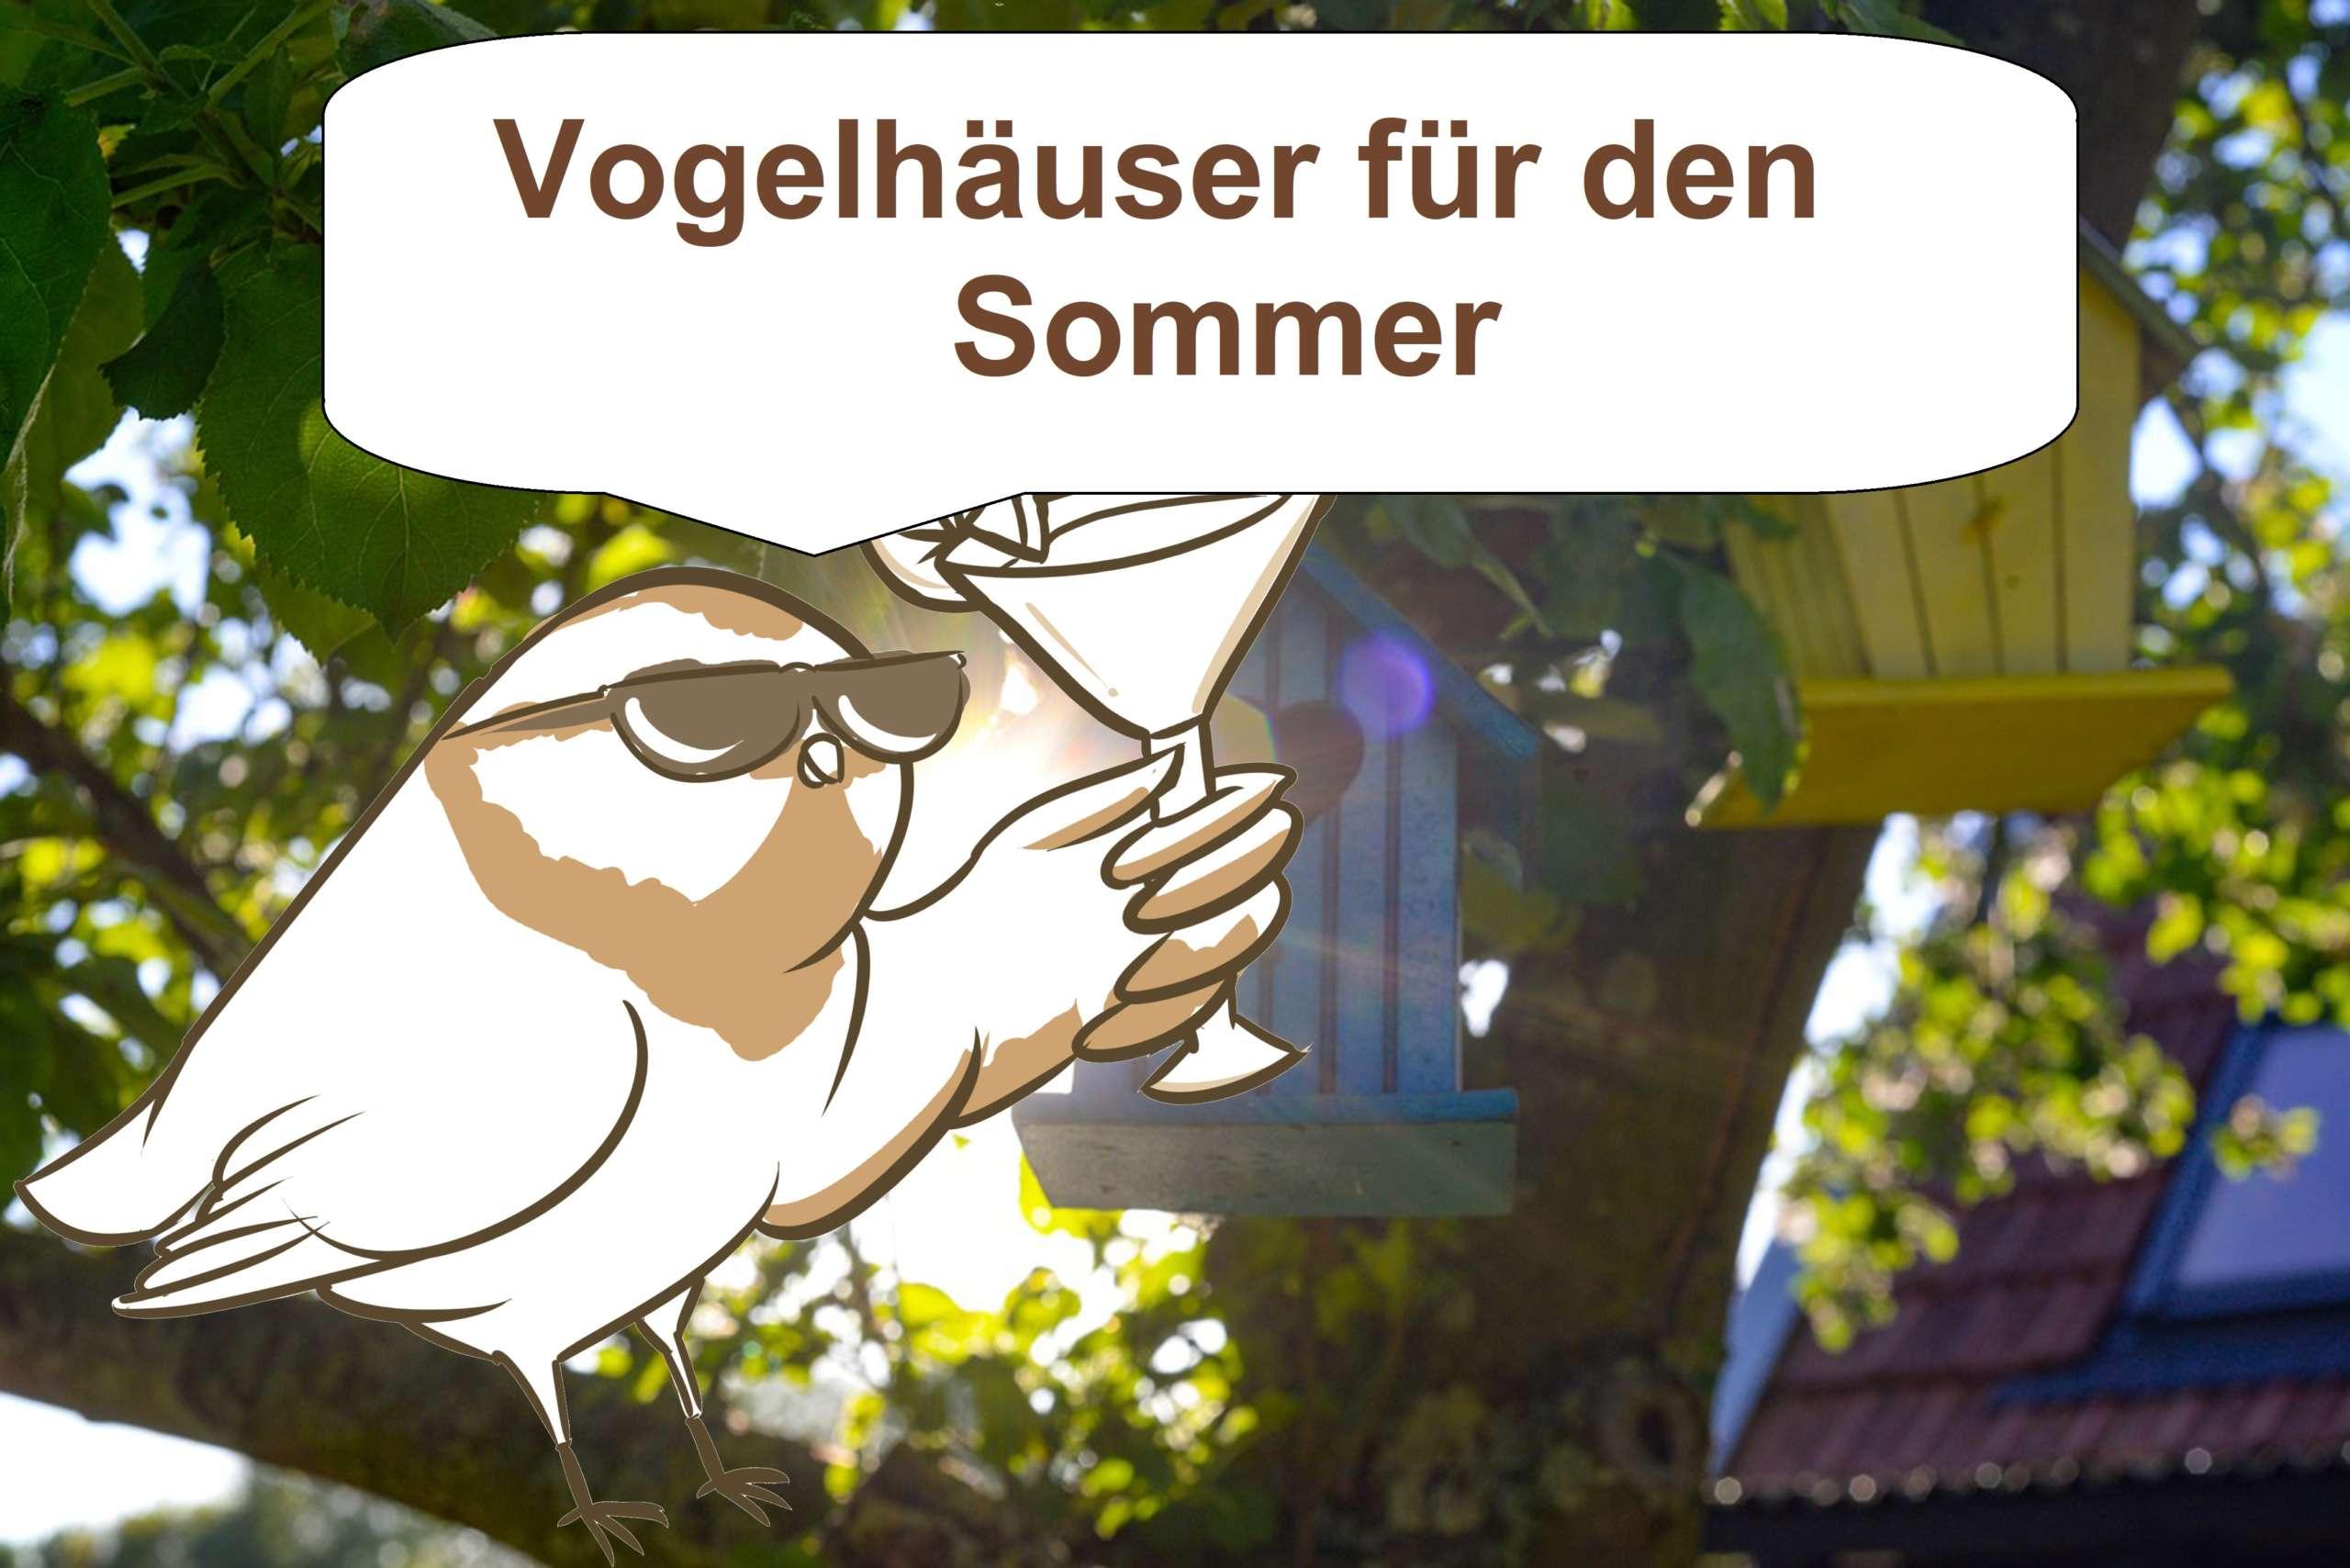 Vogelhaus Sommer